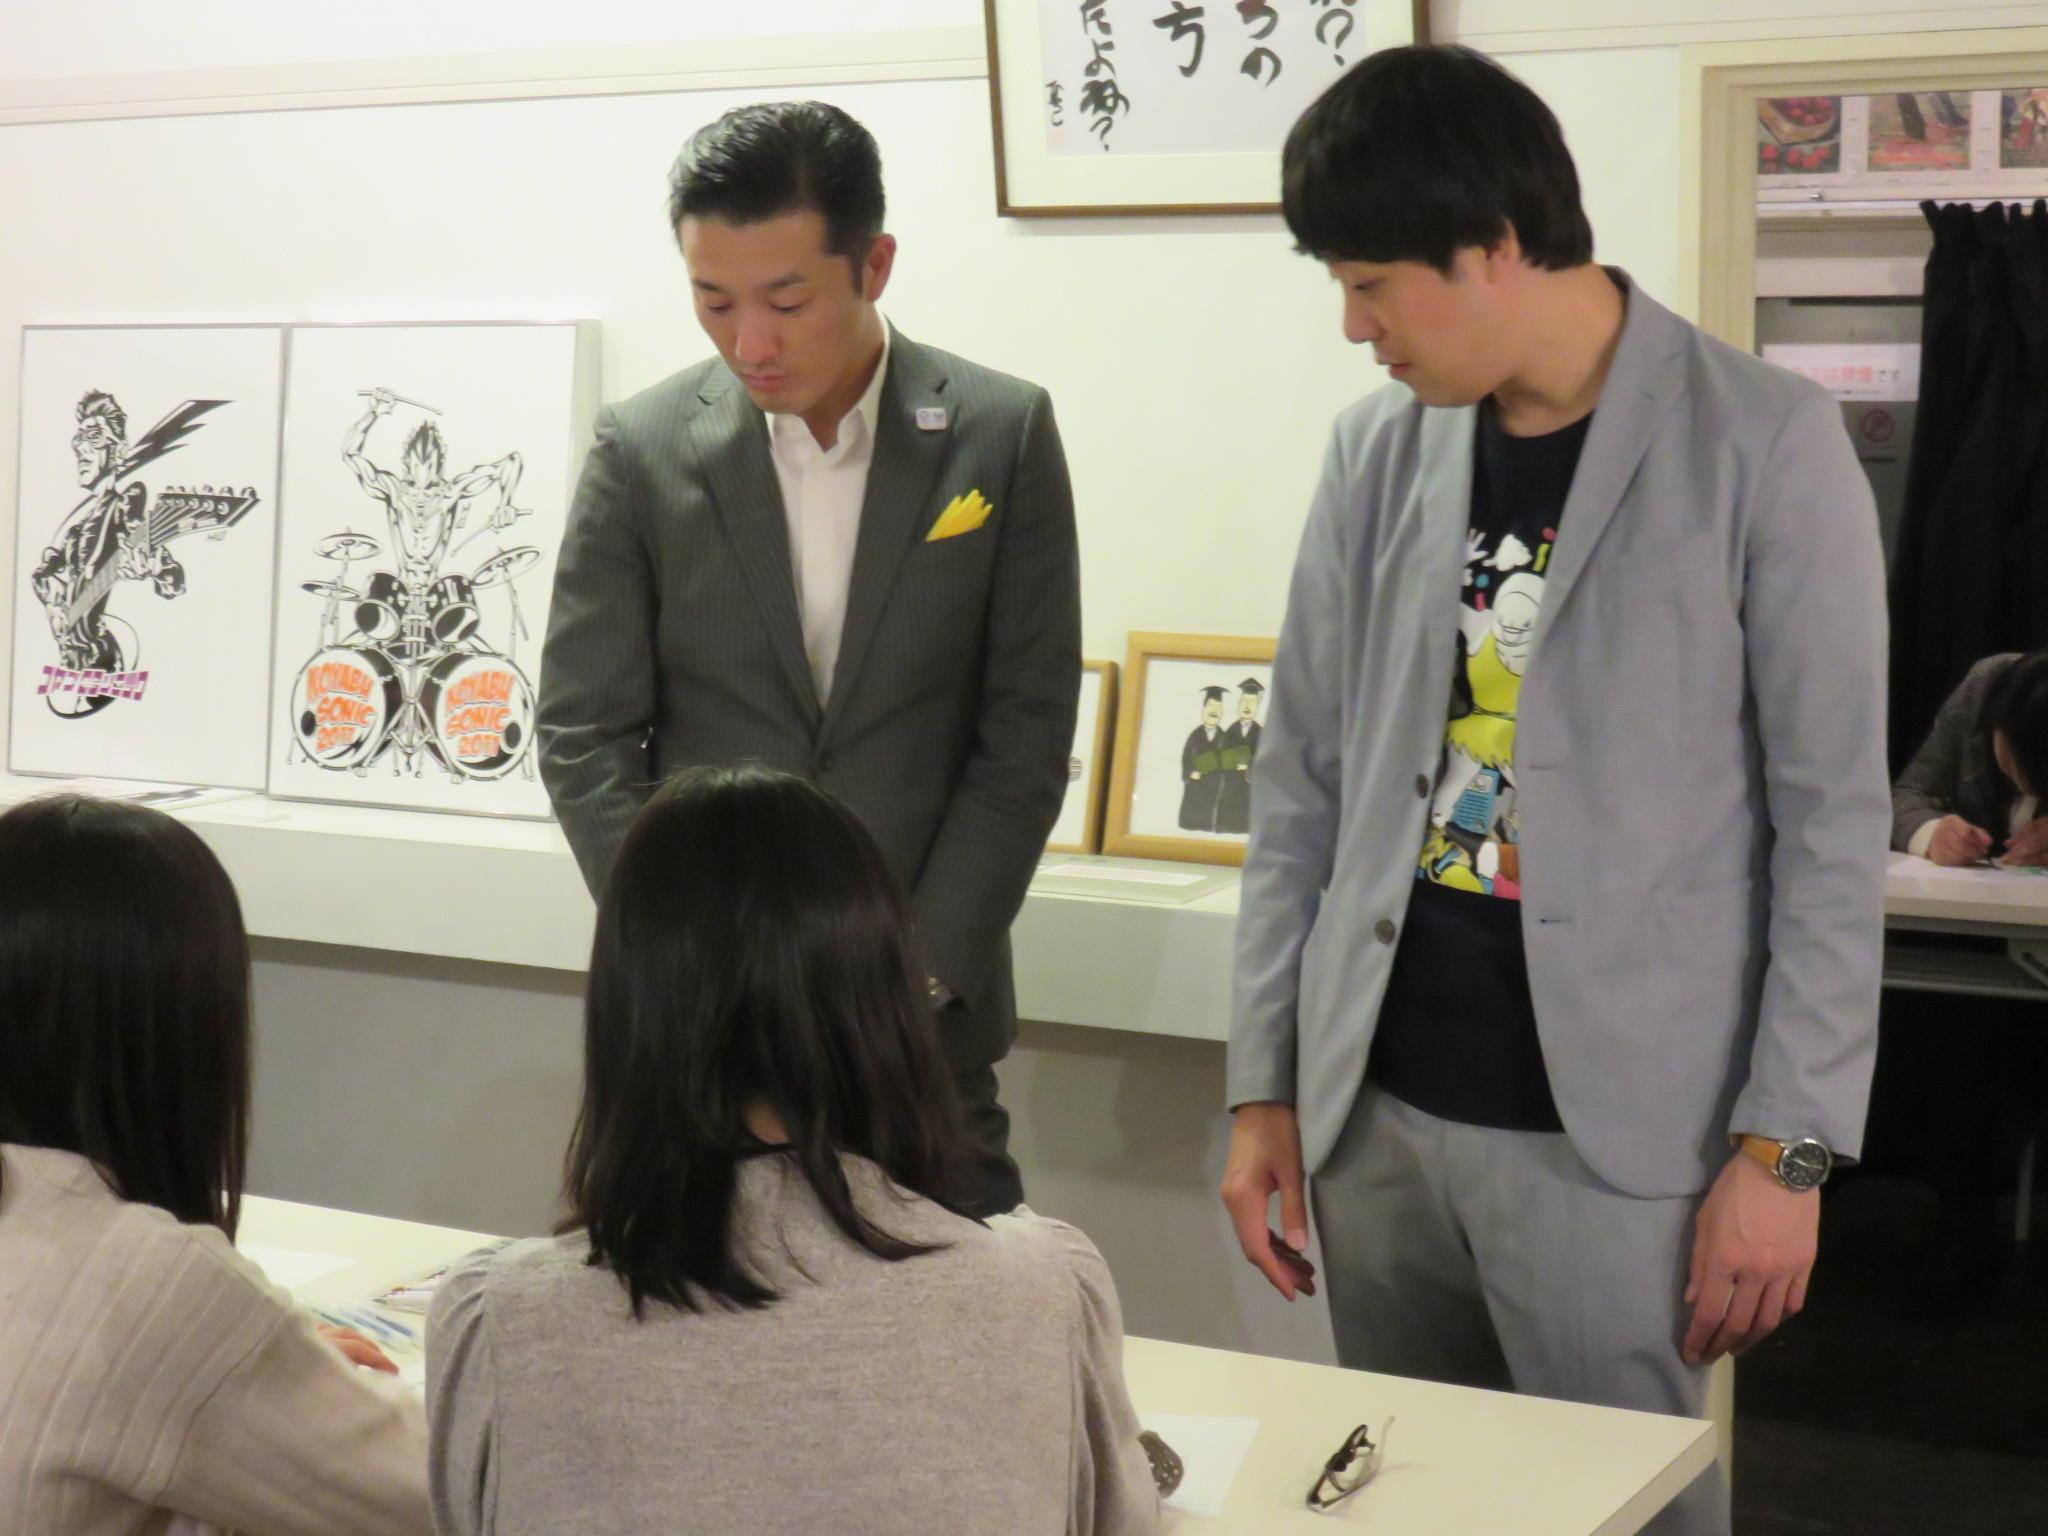 http://news.yoshimoto.co.jp/20170320205945-861d9f85b25b5f34409b1be115e44eb636c4b41f.jpg